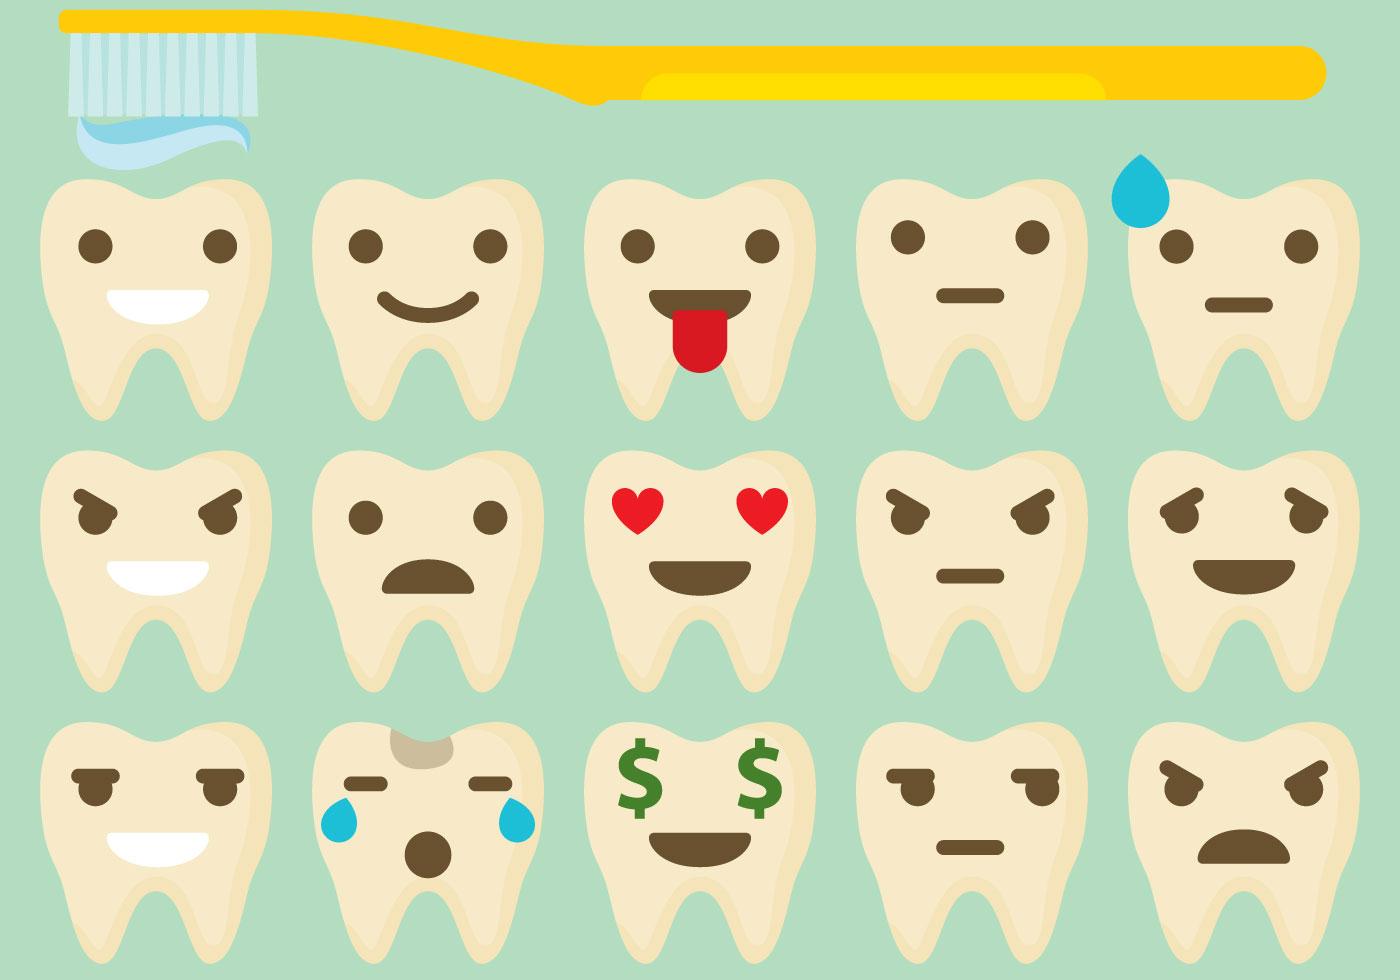 Tooth emoticon vectors download free vector art stock graphics tooth emoticon vectors download free vector art stock graphics images buycottarizona Choice Image